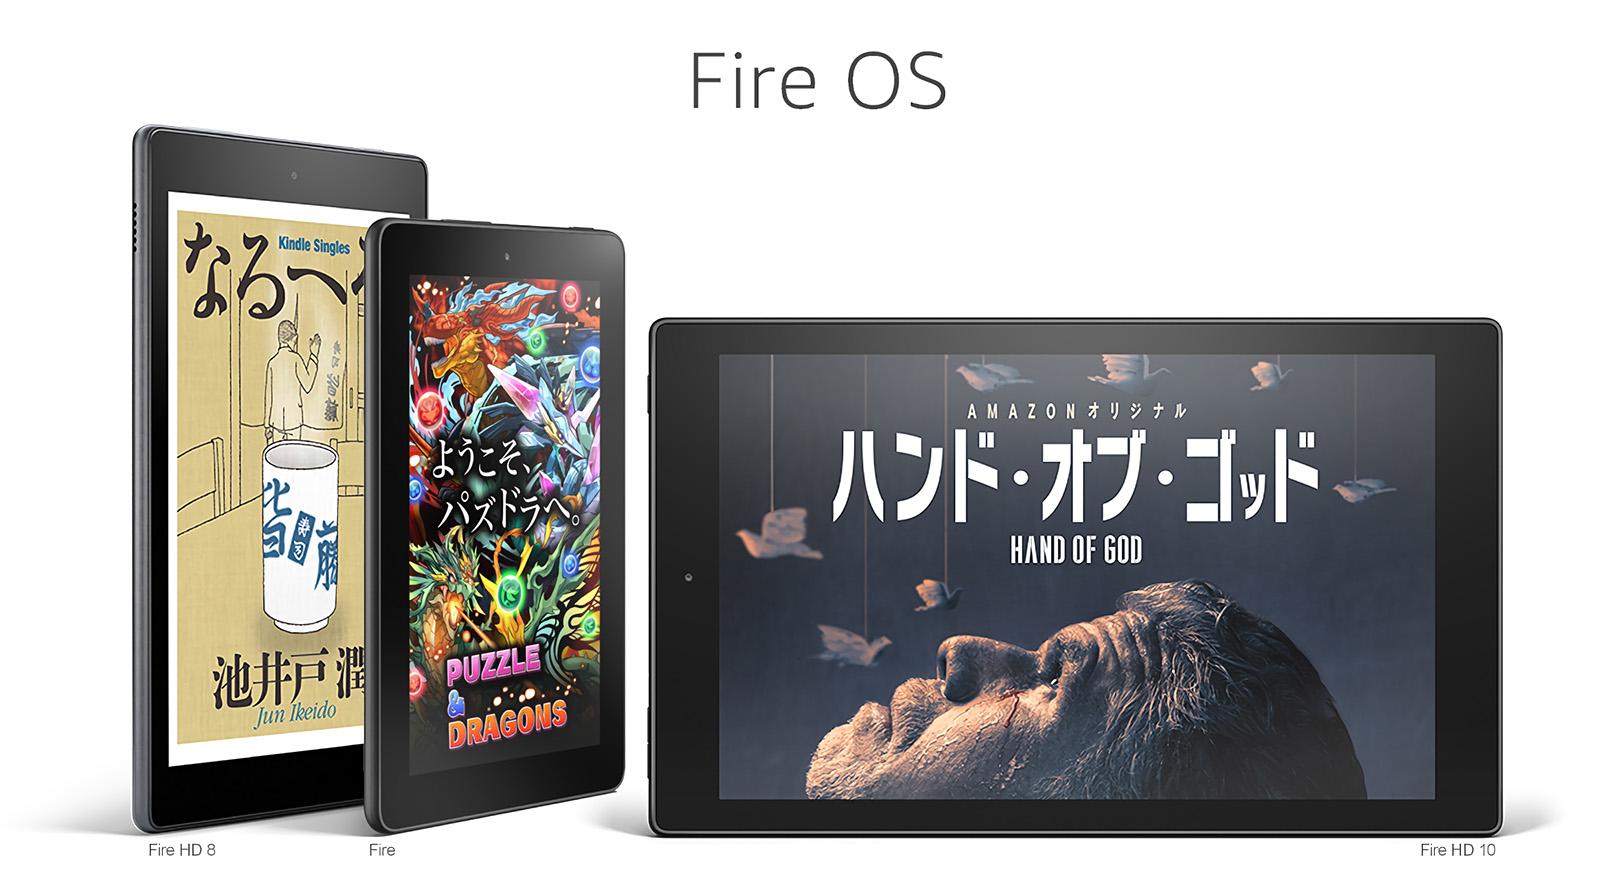 Fire HD 8 Fire OS